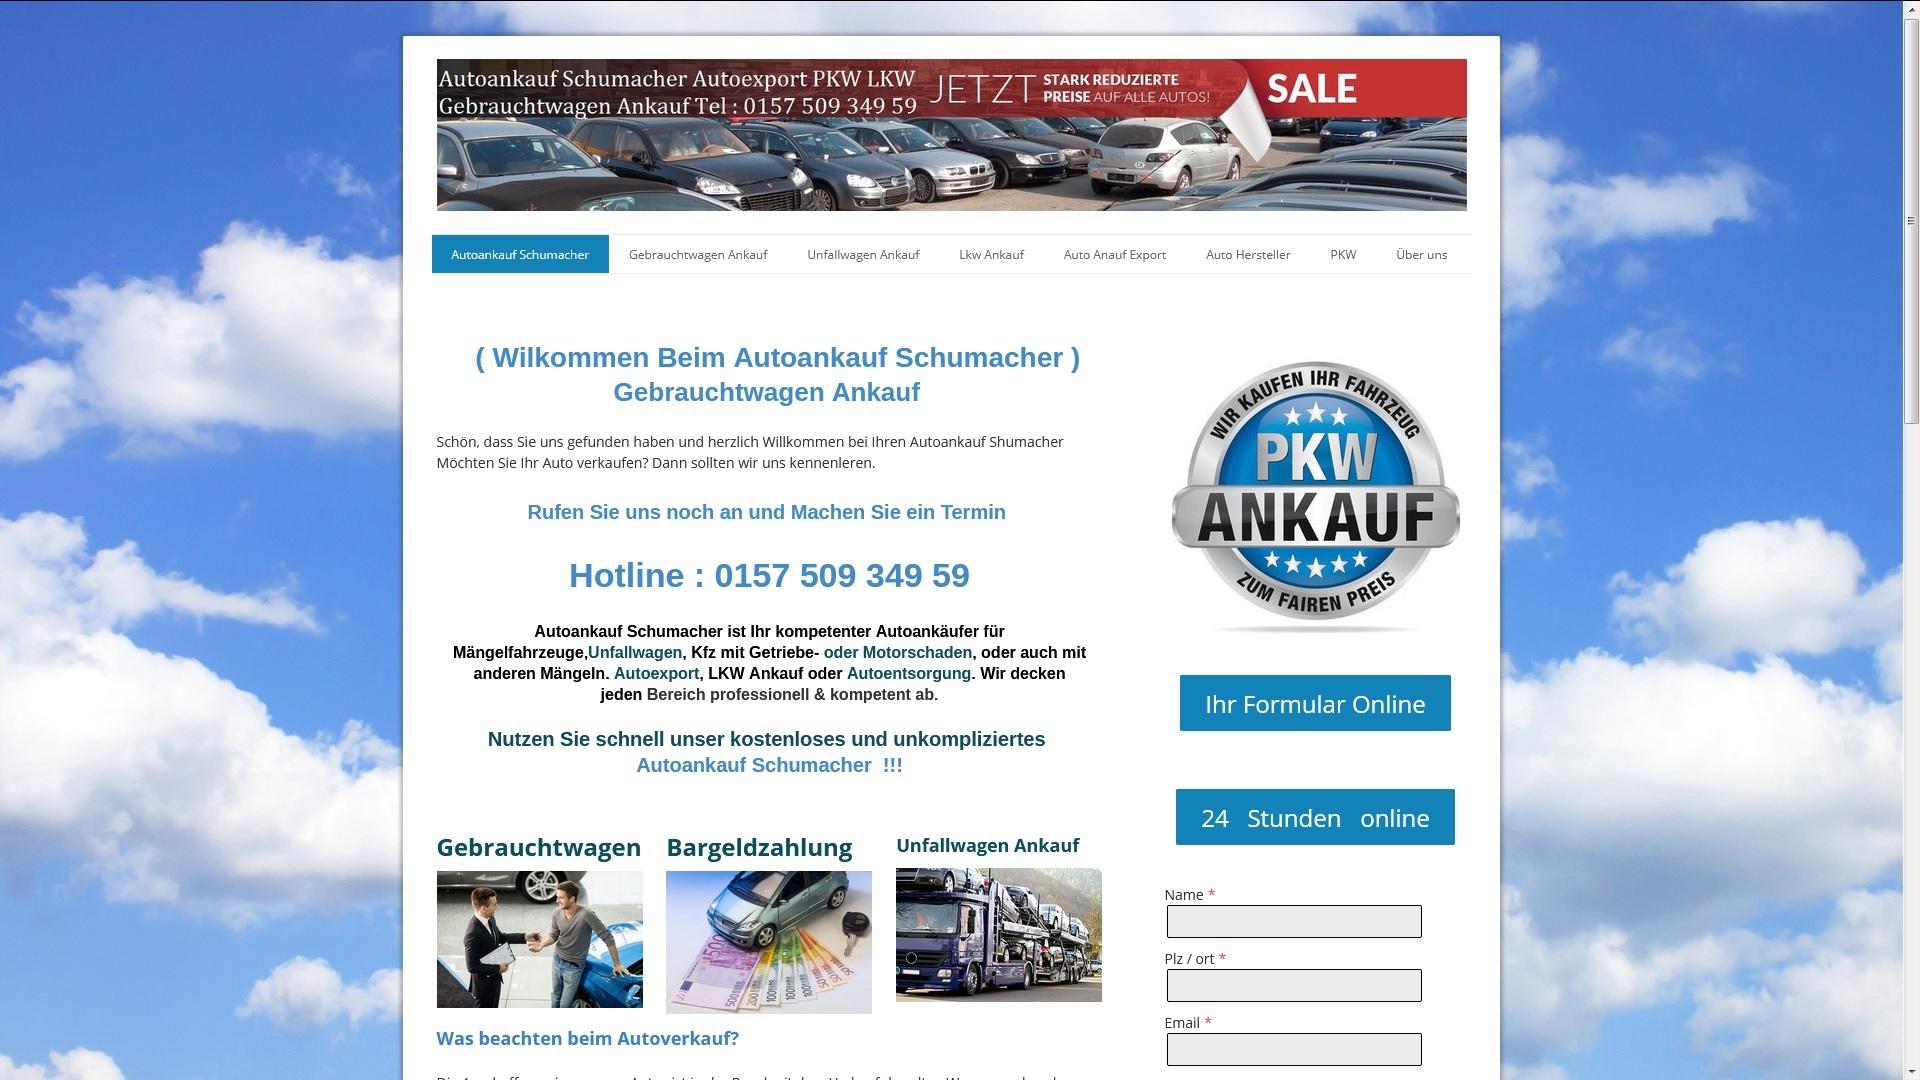 autoankauf goeppingen bestpreis fuer ihr gebrauchtes fahrzeug - Autoankauf Göppingen Bestpreis für ihr gebrauchtes Fahrzeug